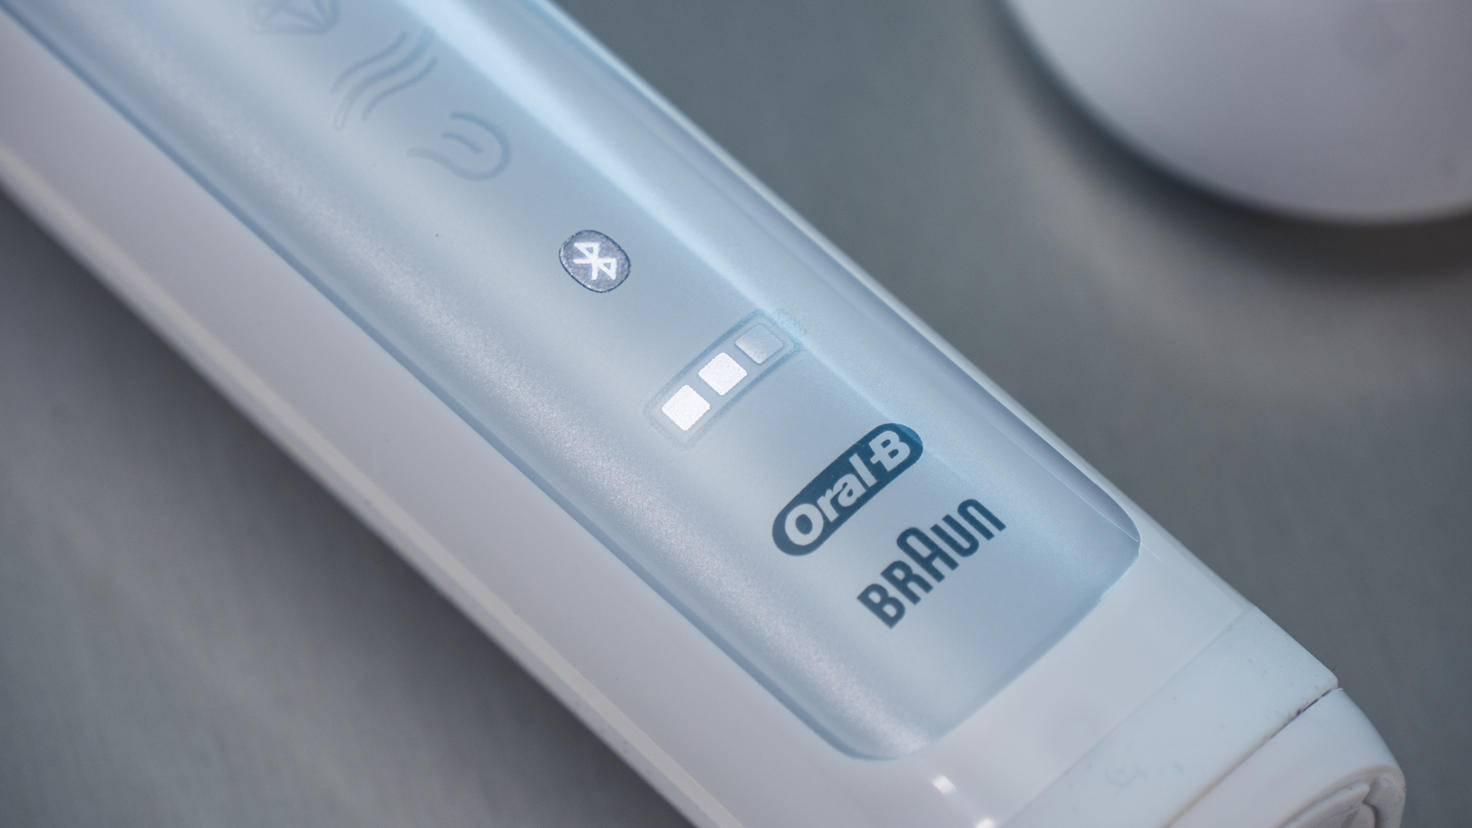 Die Bürste verfügt über eine Bluetooth- sowie über eine Akkustandsanzeige.